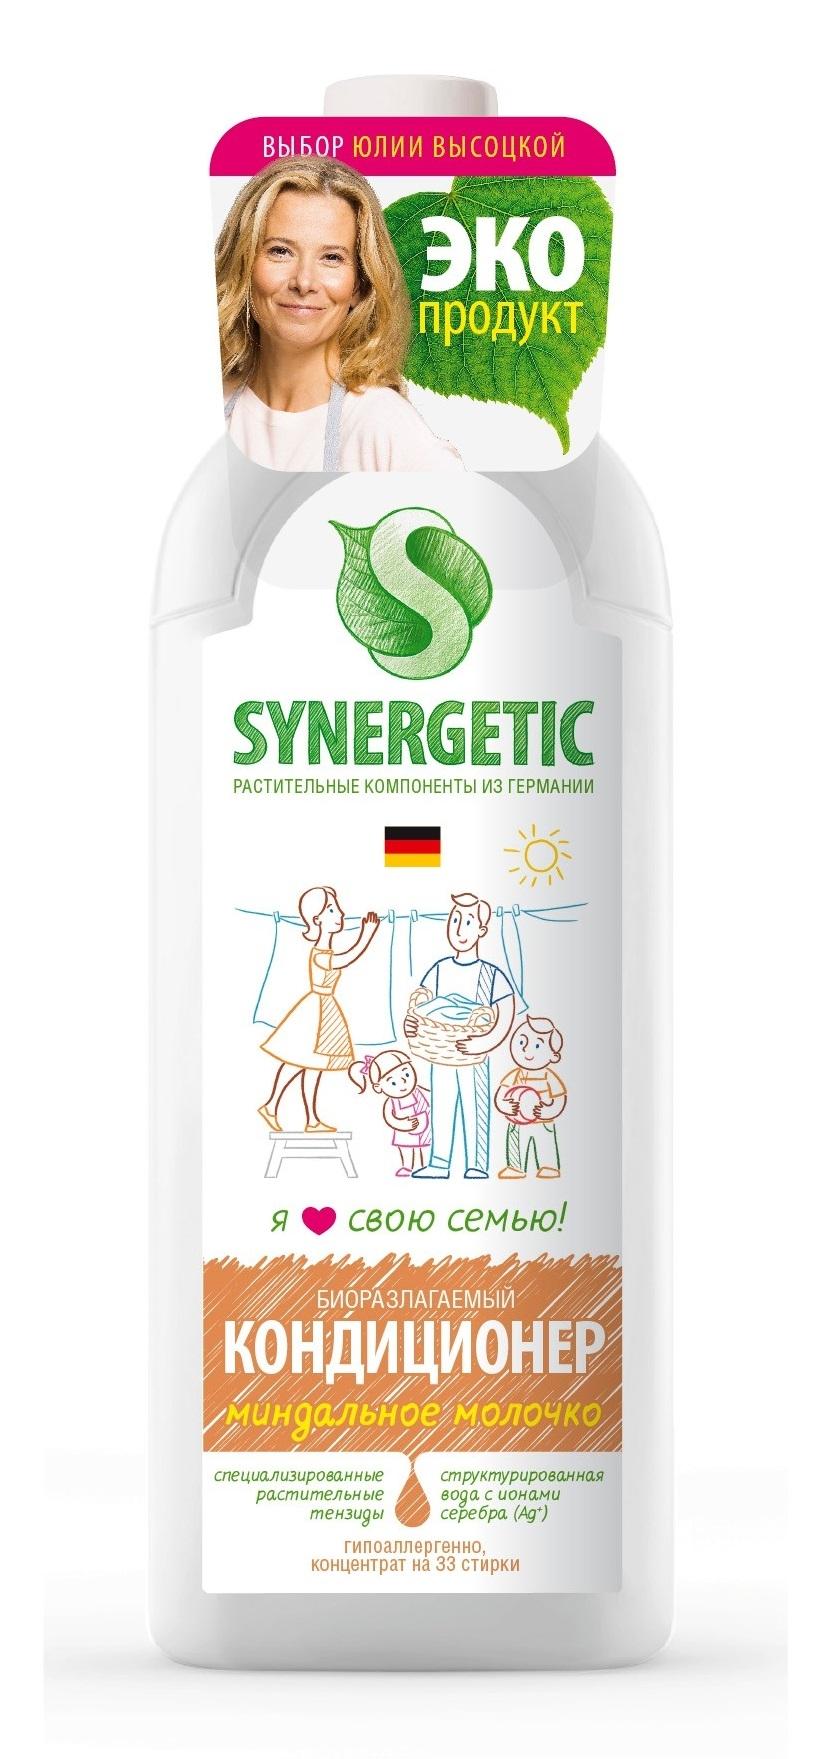 Кондиционер для белья Synergetic «Миндальное молочко» 1 л кондиционер для белья synergetic 5 л